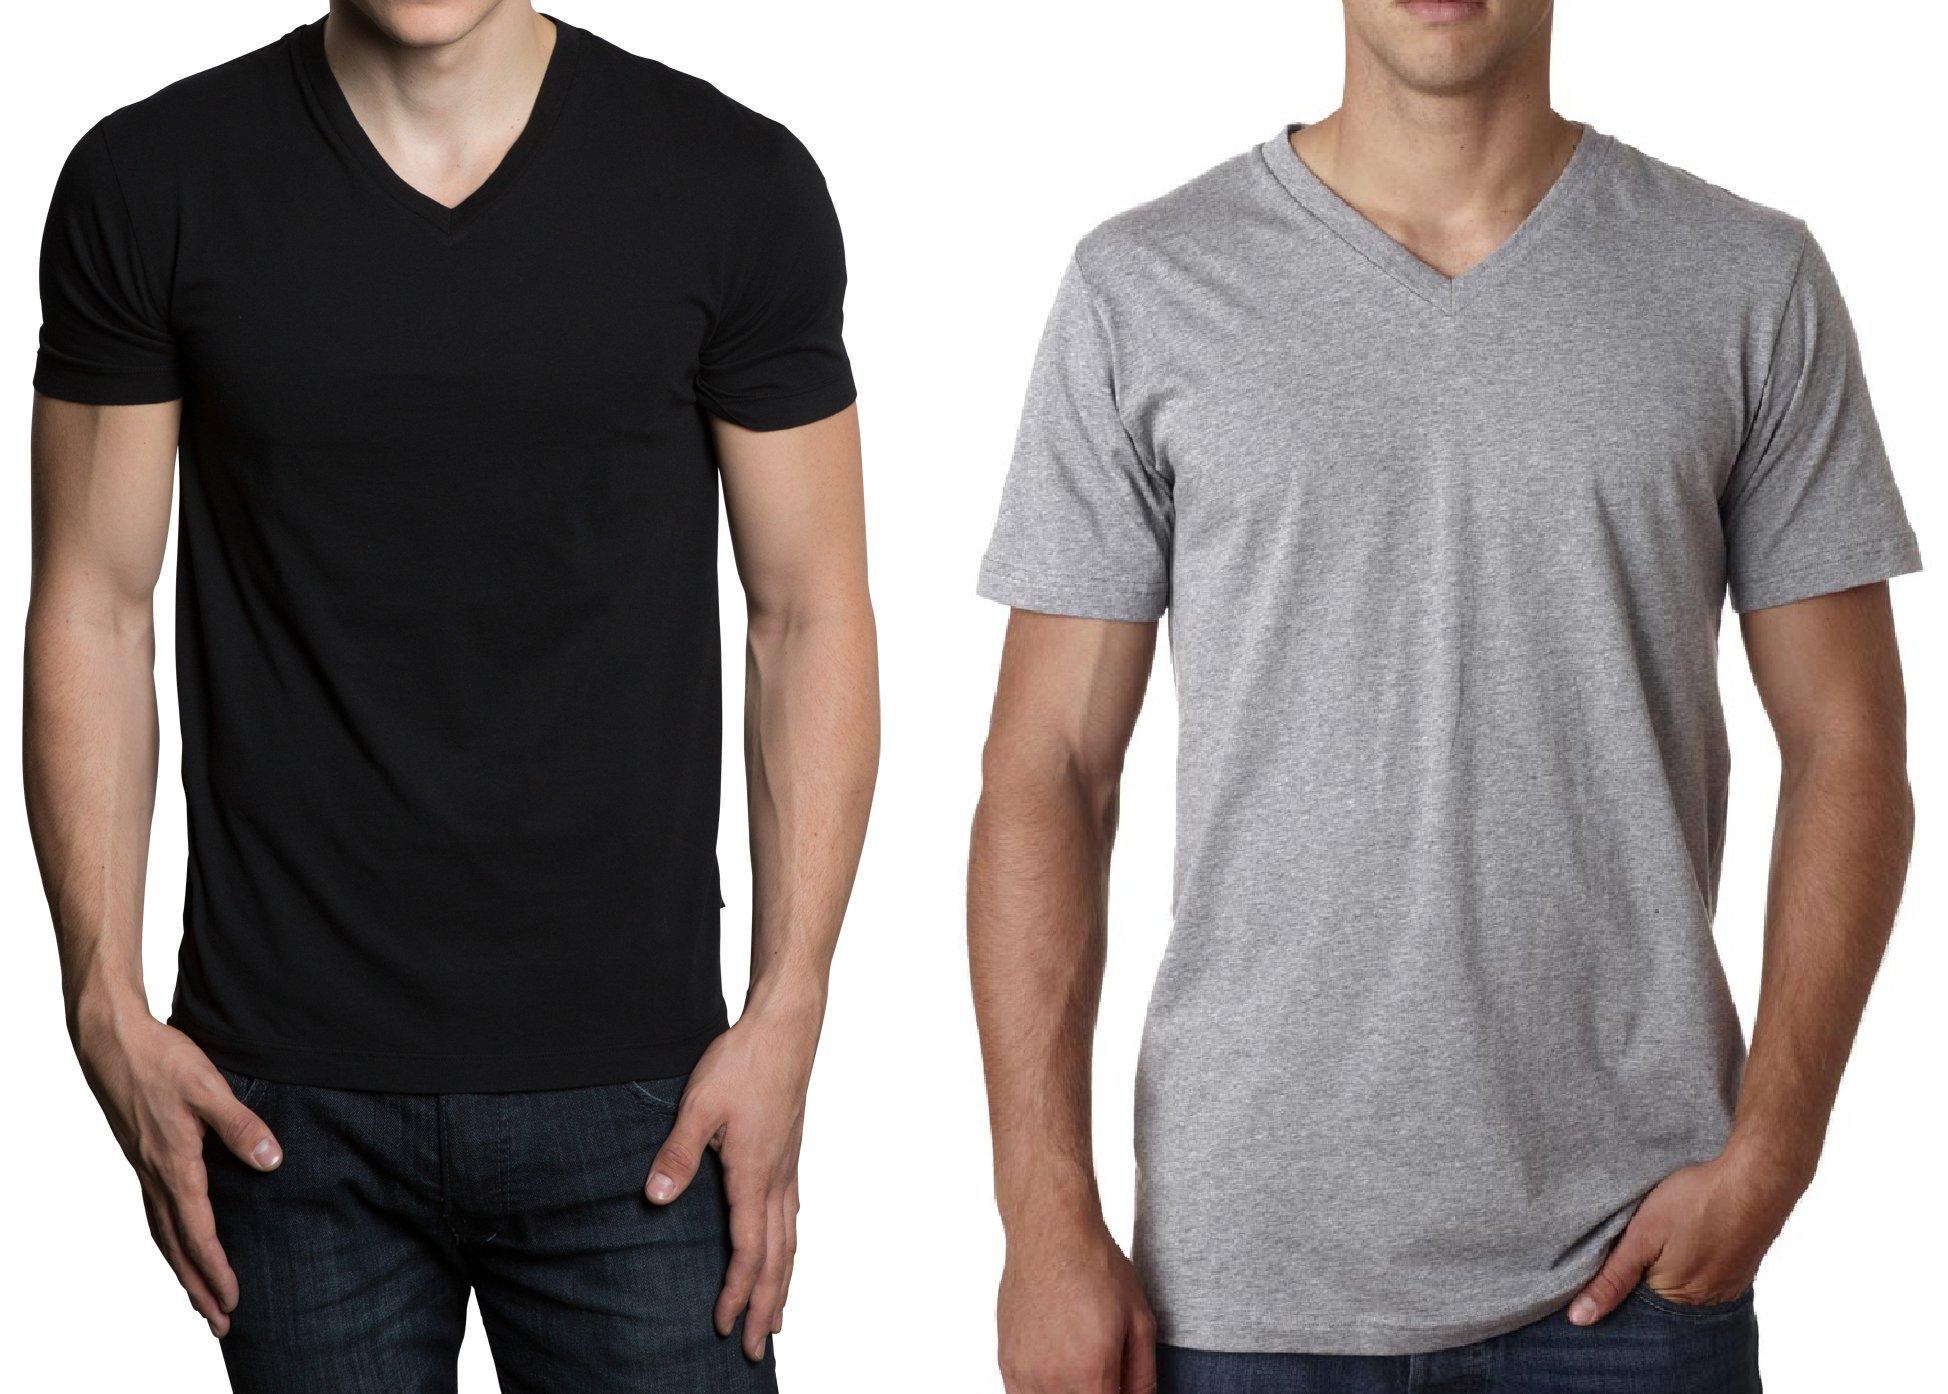 Hanes Men's Red Label '7 Pack' ComfortSoft V-Neck T-Shirt (Black & Grey, X-Large)